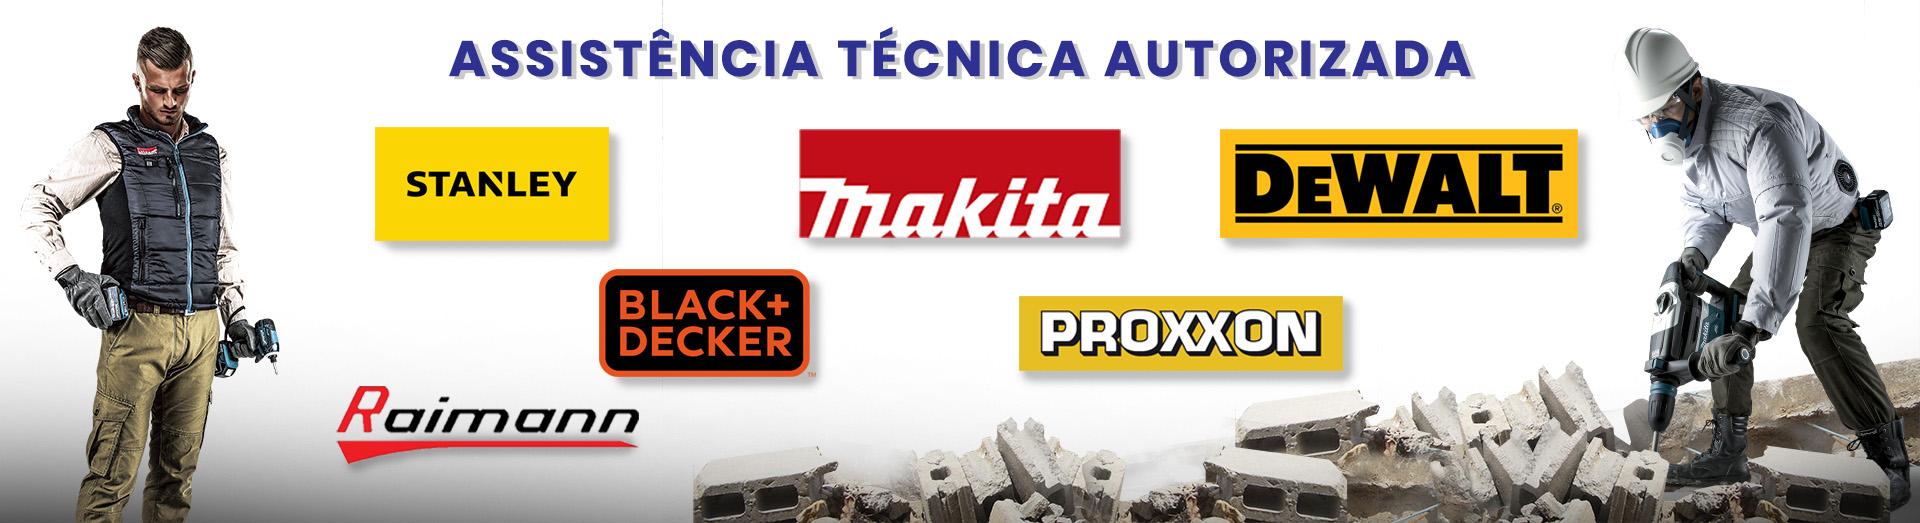 ASSITENCIA TECNICA